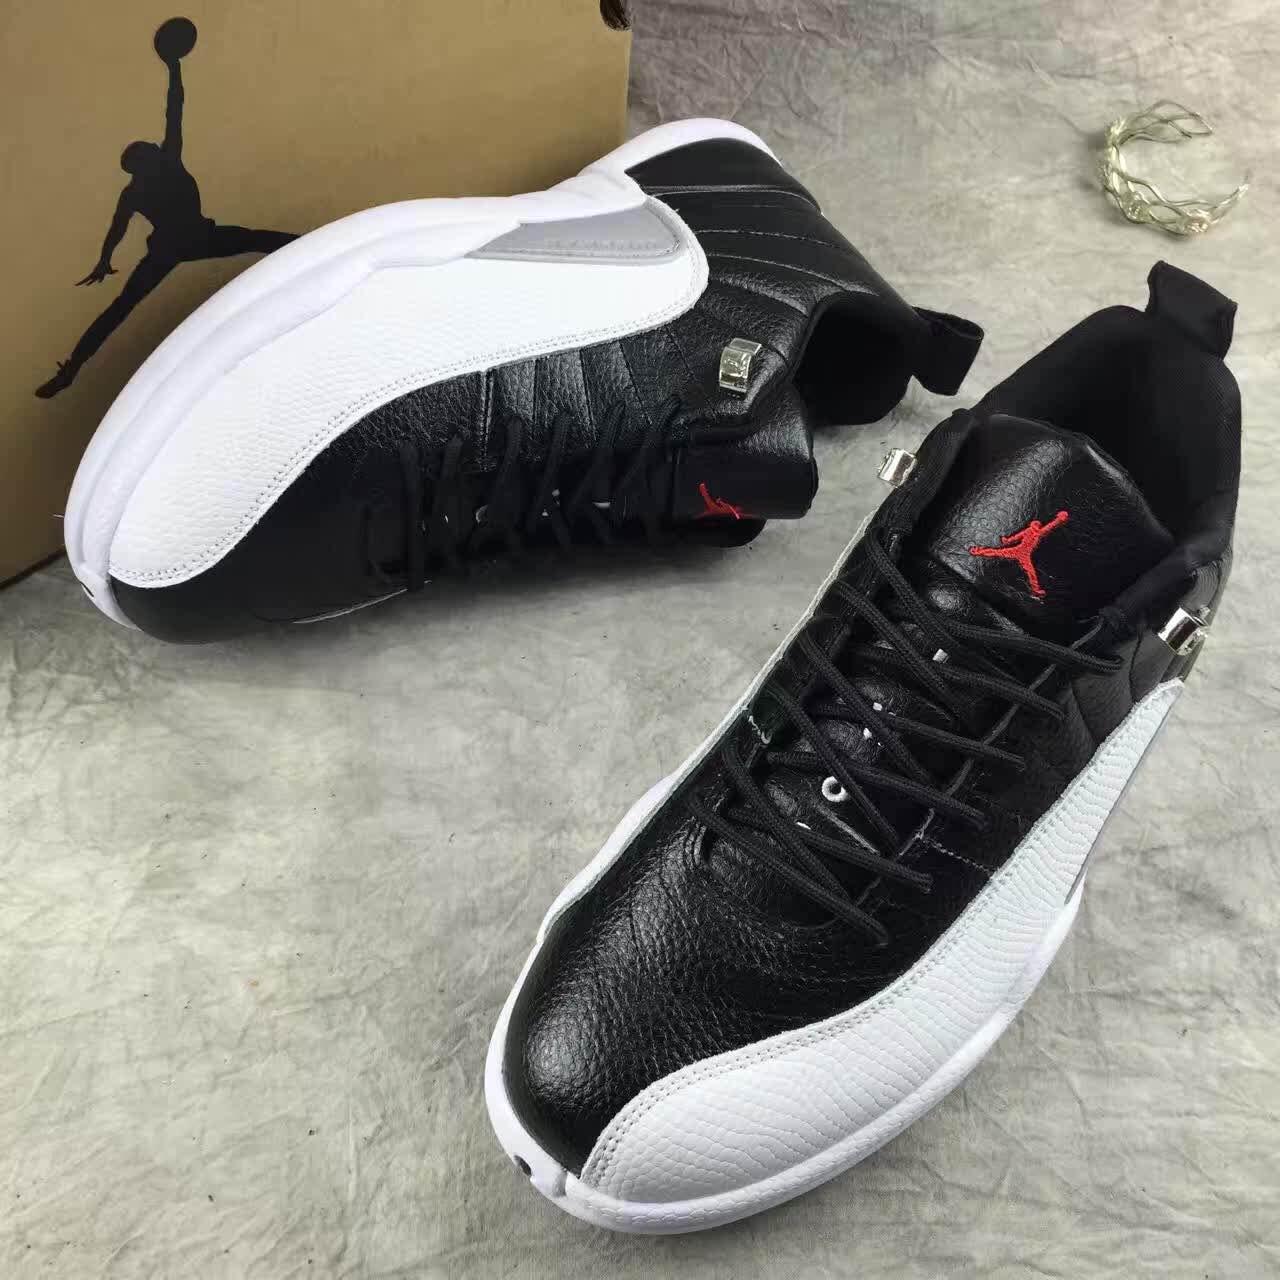 3d3b5e9d0 Nike Air Jordan Retro XII 12 Low Black White Men Shoes 308317 - Febbuy